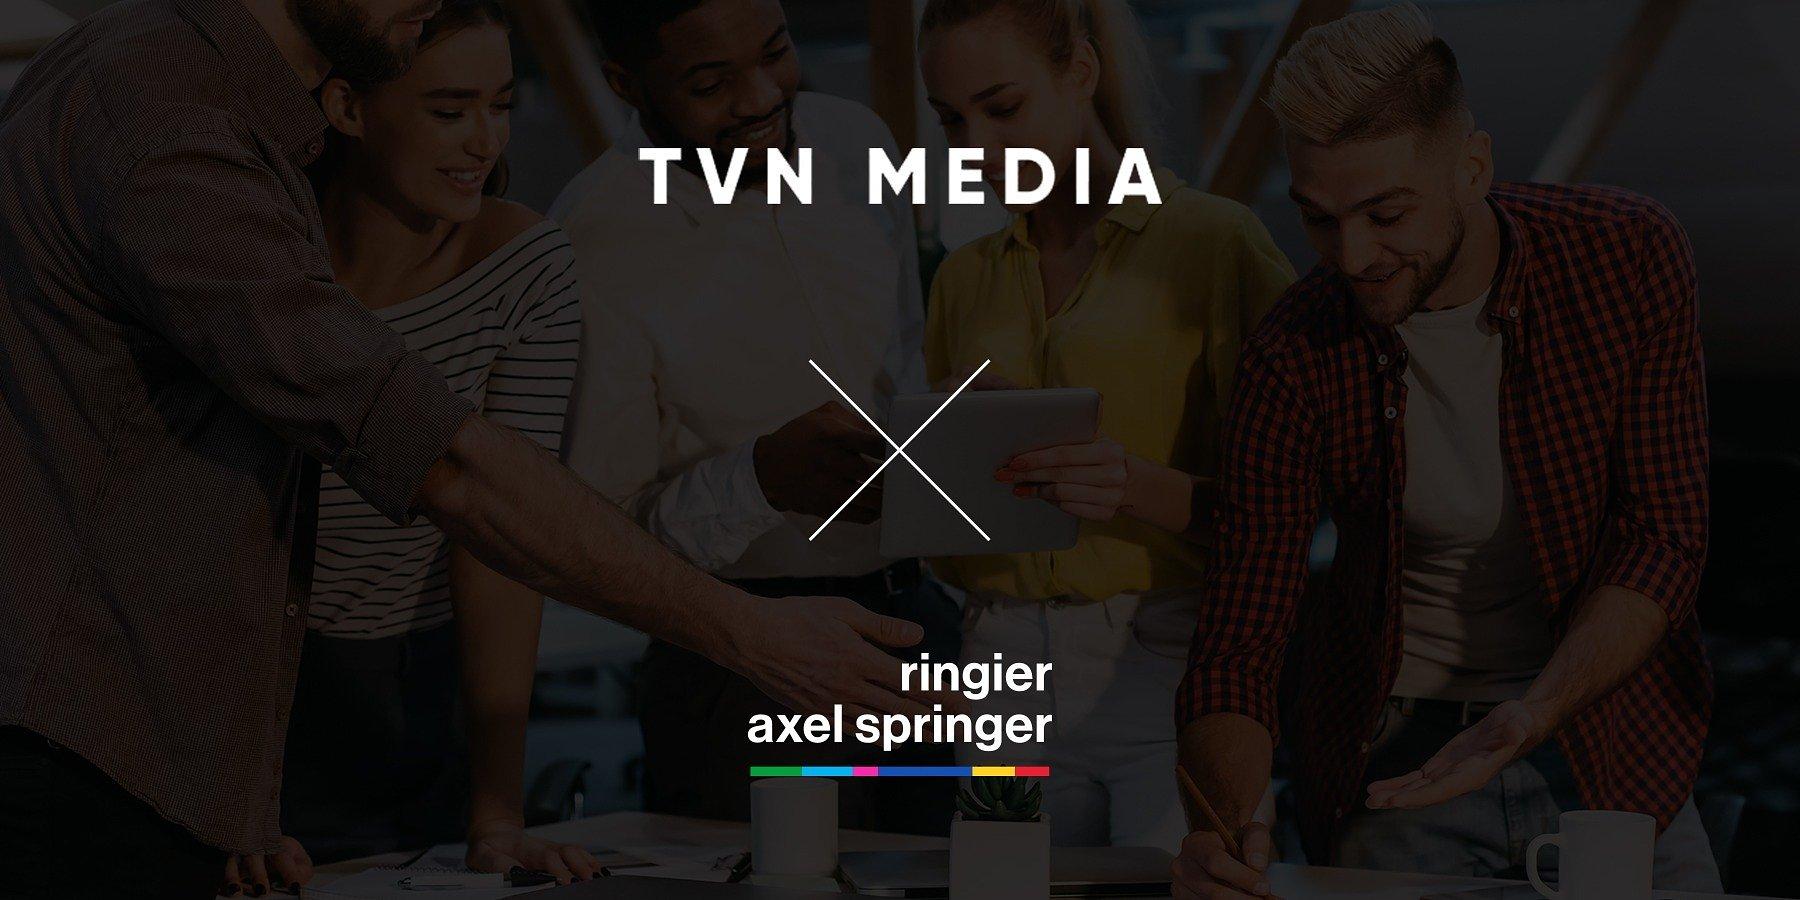 TVN Media i Biuro Reklamy Ringier Axel Springer Polska wprowadzają na rynek pierwszy partnerski produkt content marketingowy łączący TV & Digital